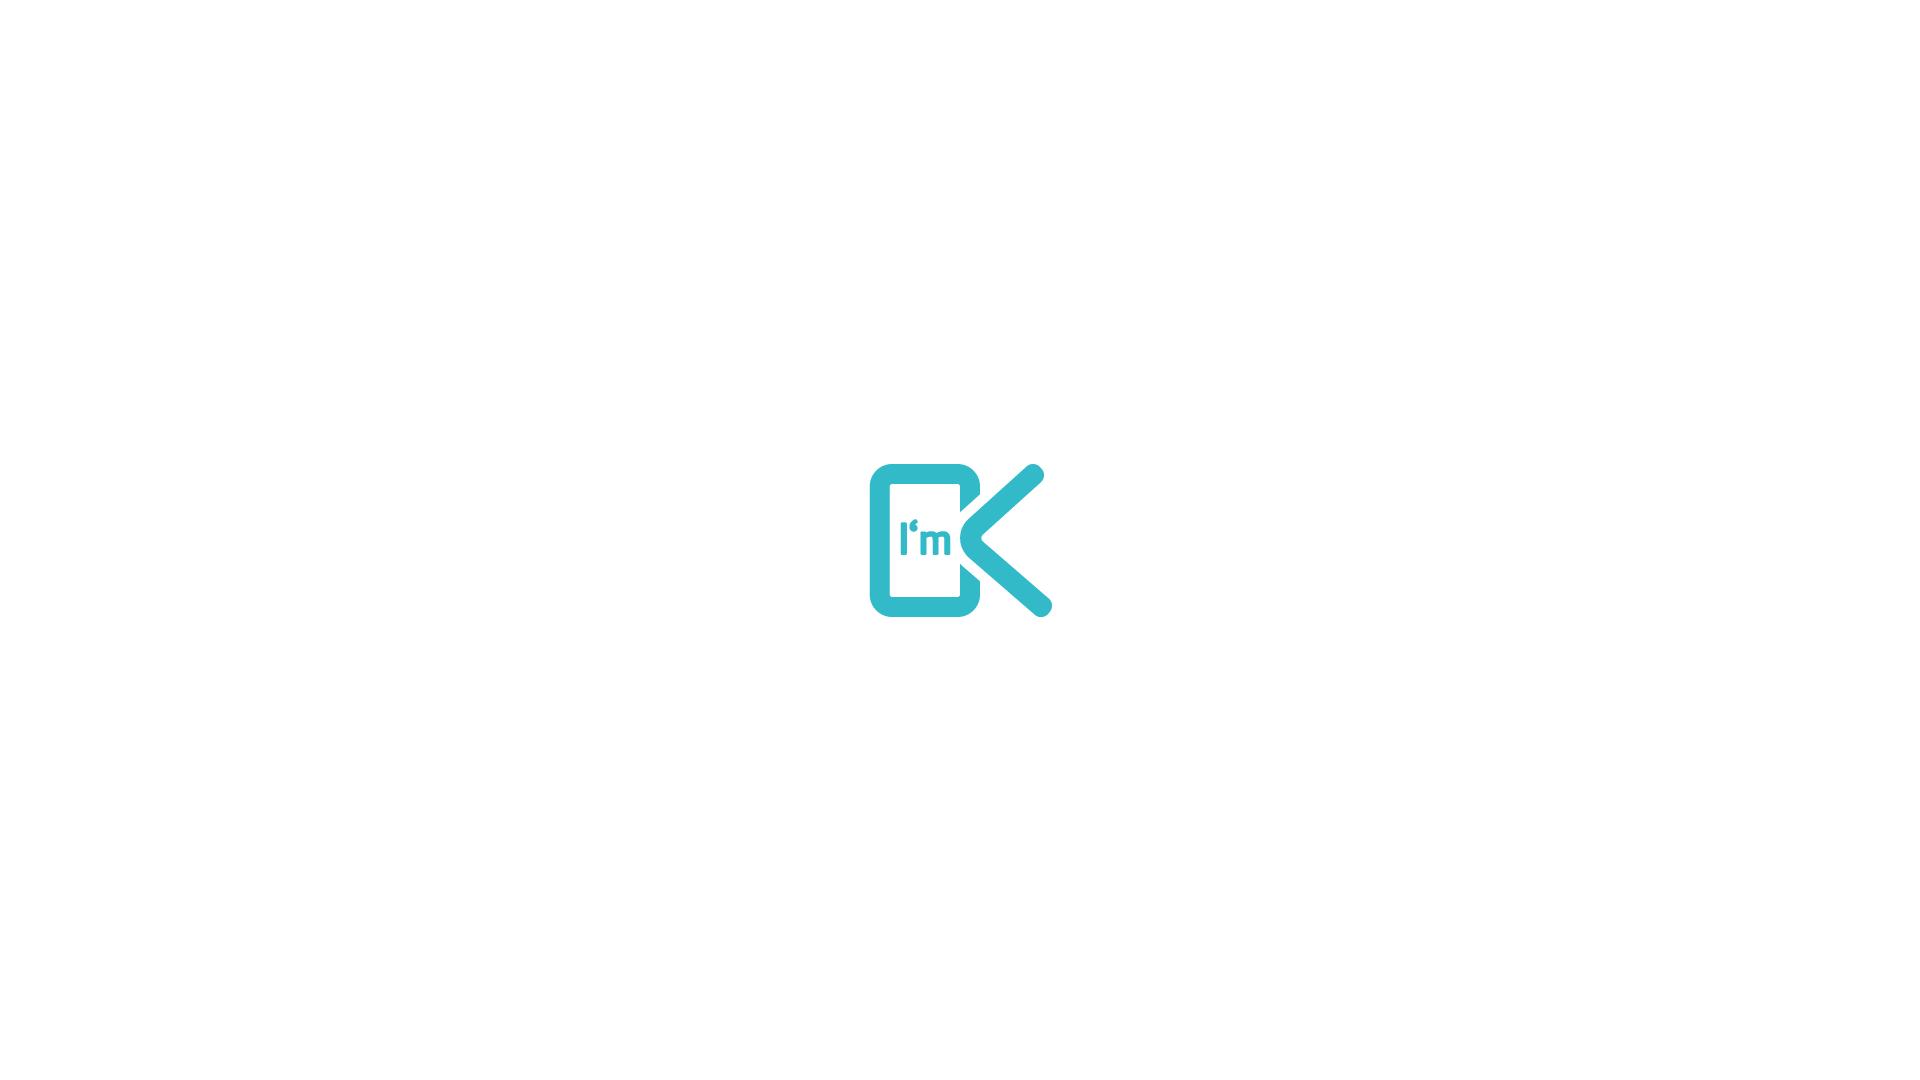 Logo I'm OK